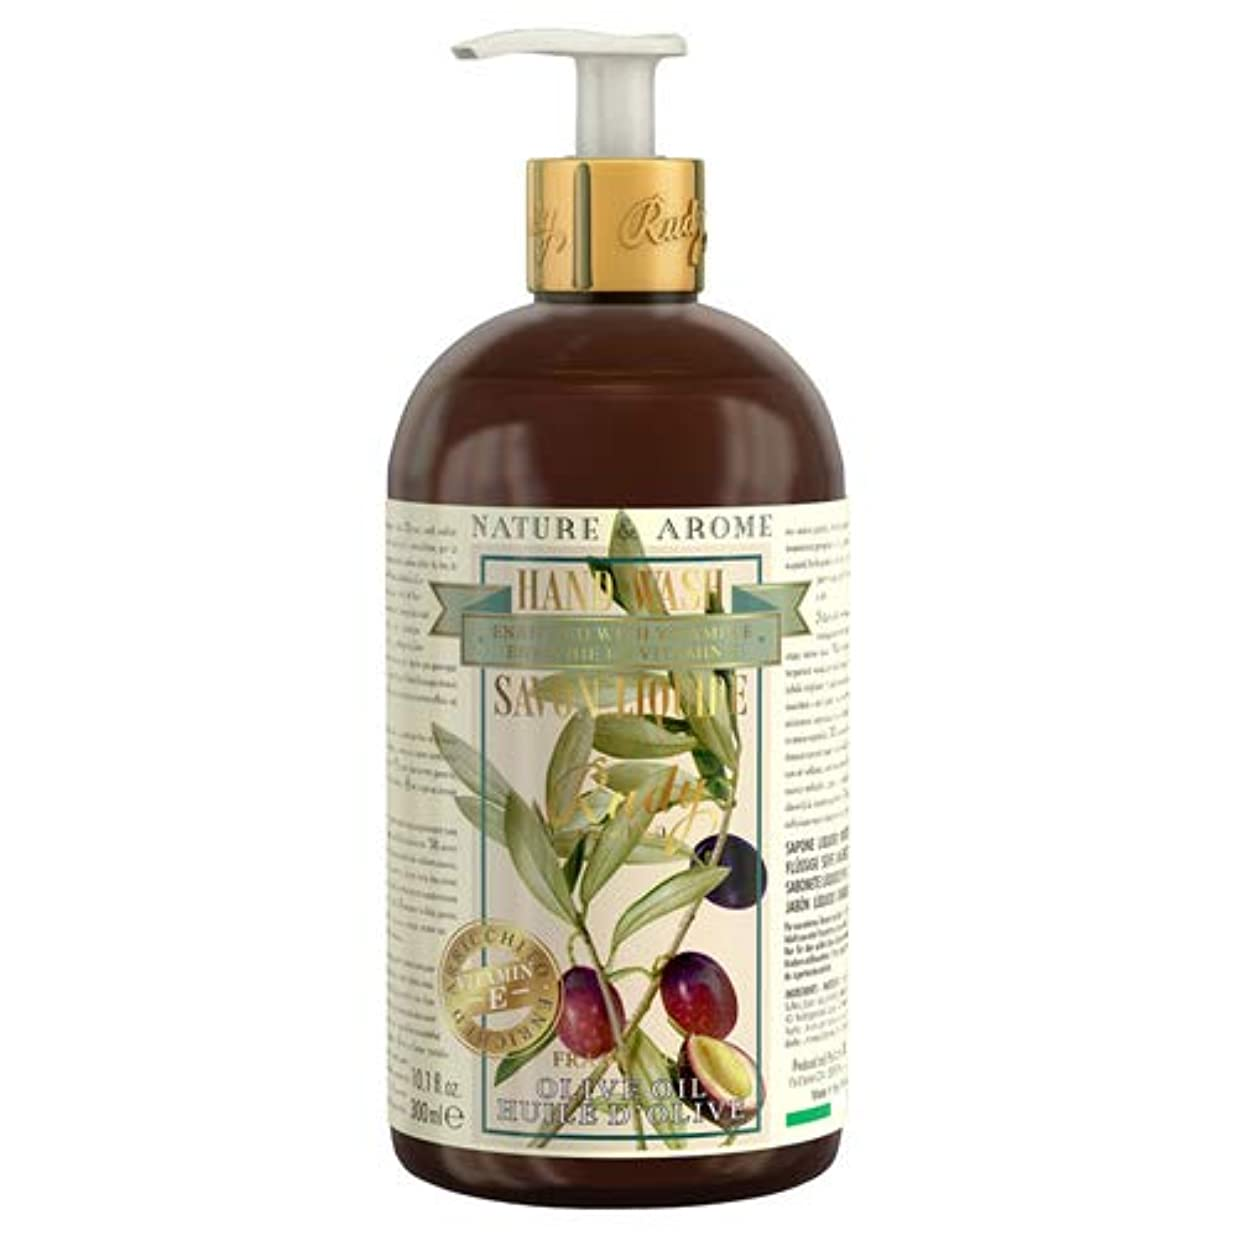 倍増何故なの促進するRUDY Nature&Arome Apothecary ネイチャーアロマ アポセカリー Hand Wash ハンドウォッシュ(ボディソープ) Olive Oil オリーブオイル